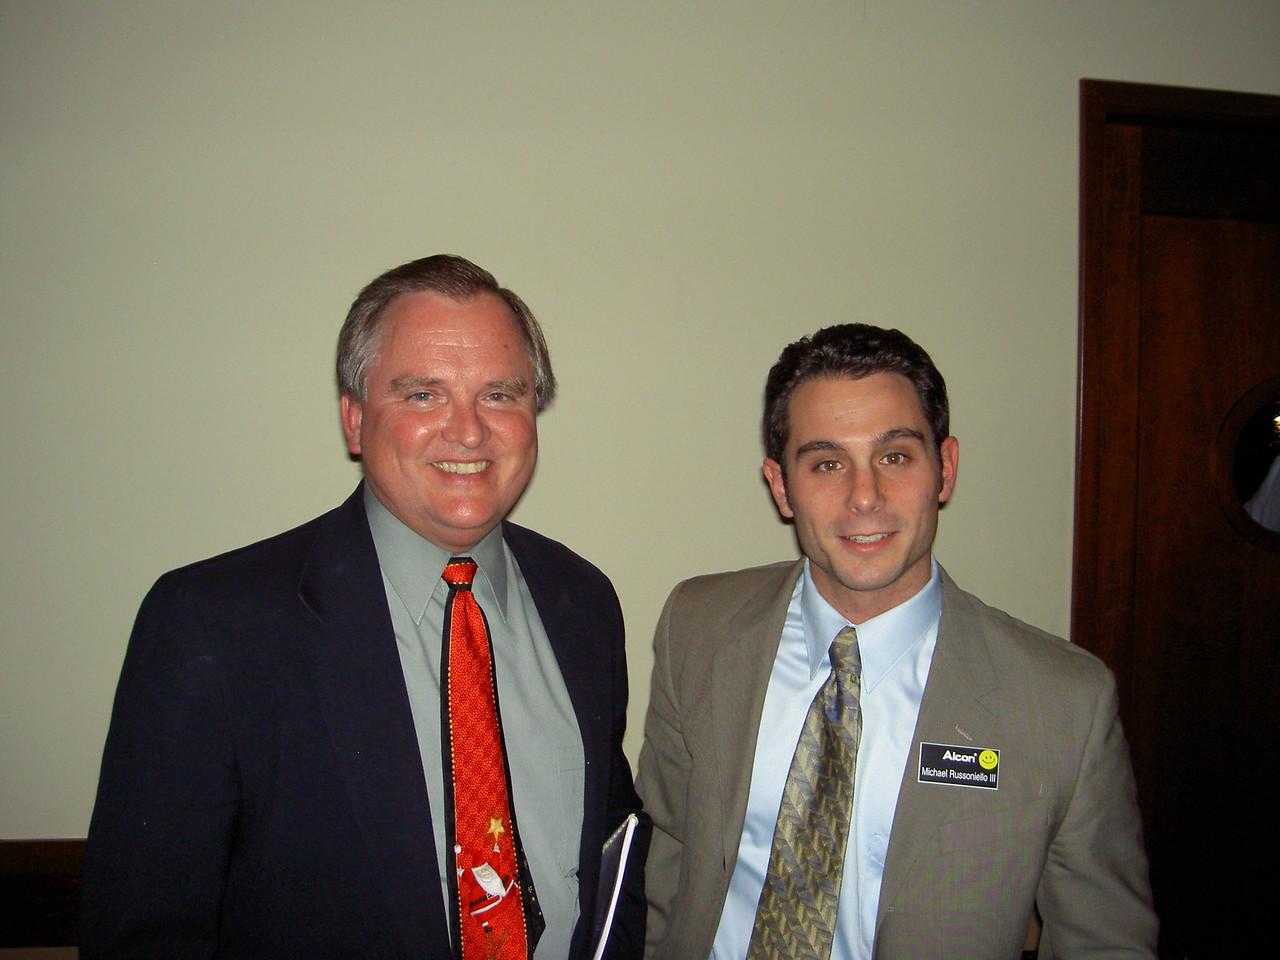 0306 Jim Niewvruski & Michael Russoniello from Alcon